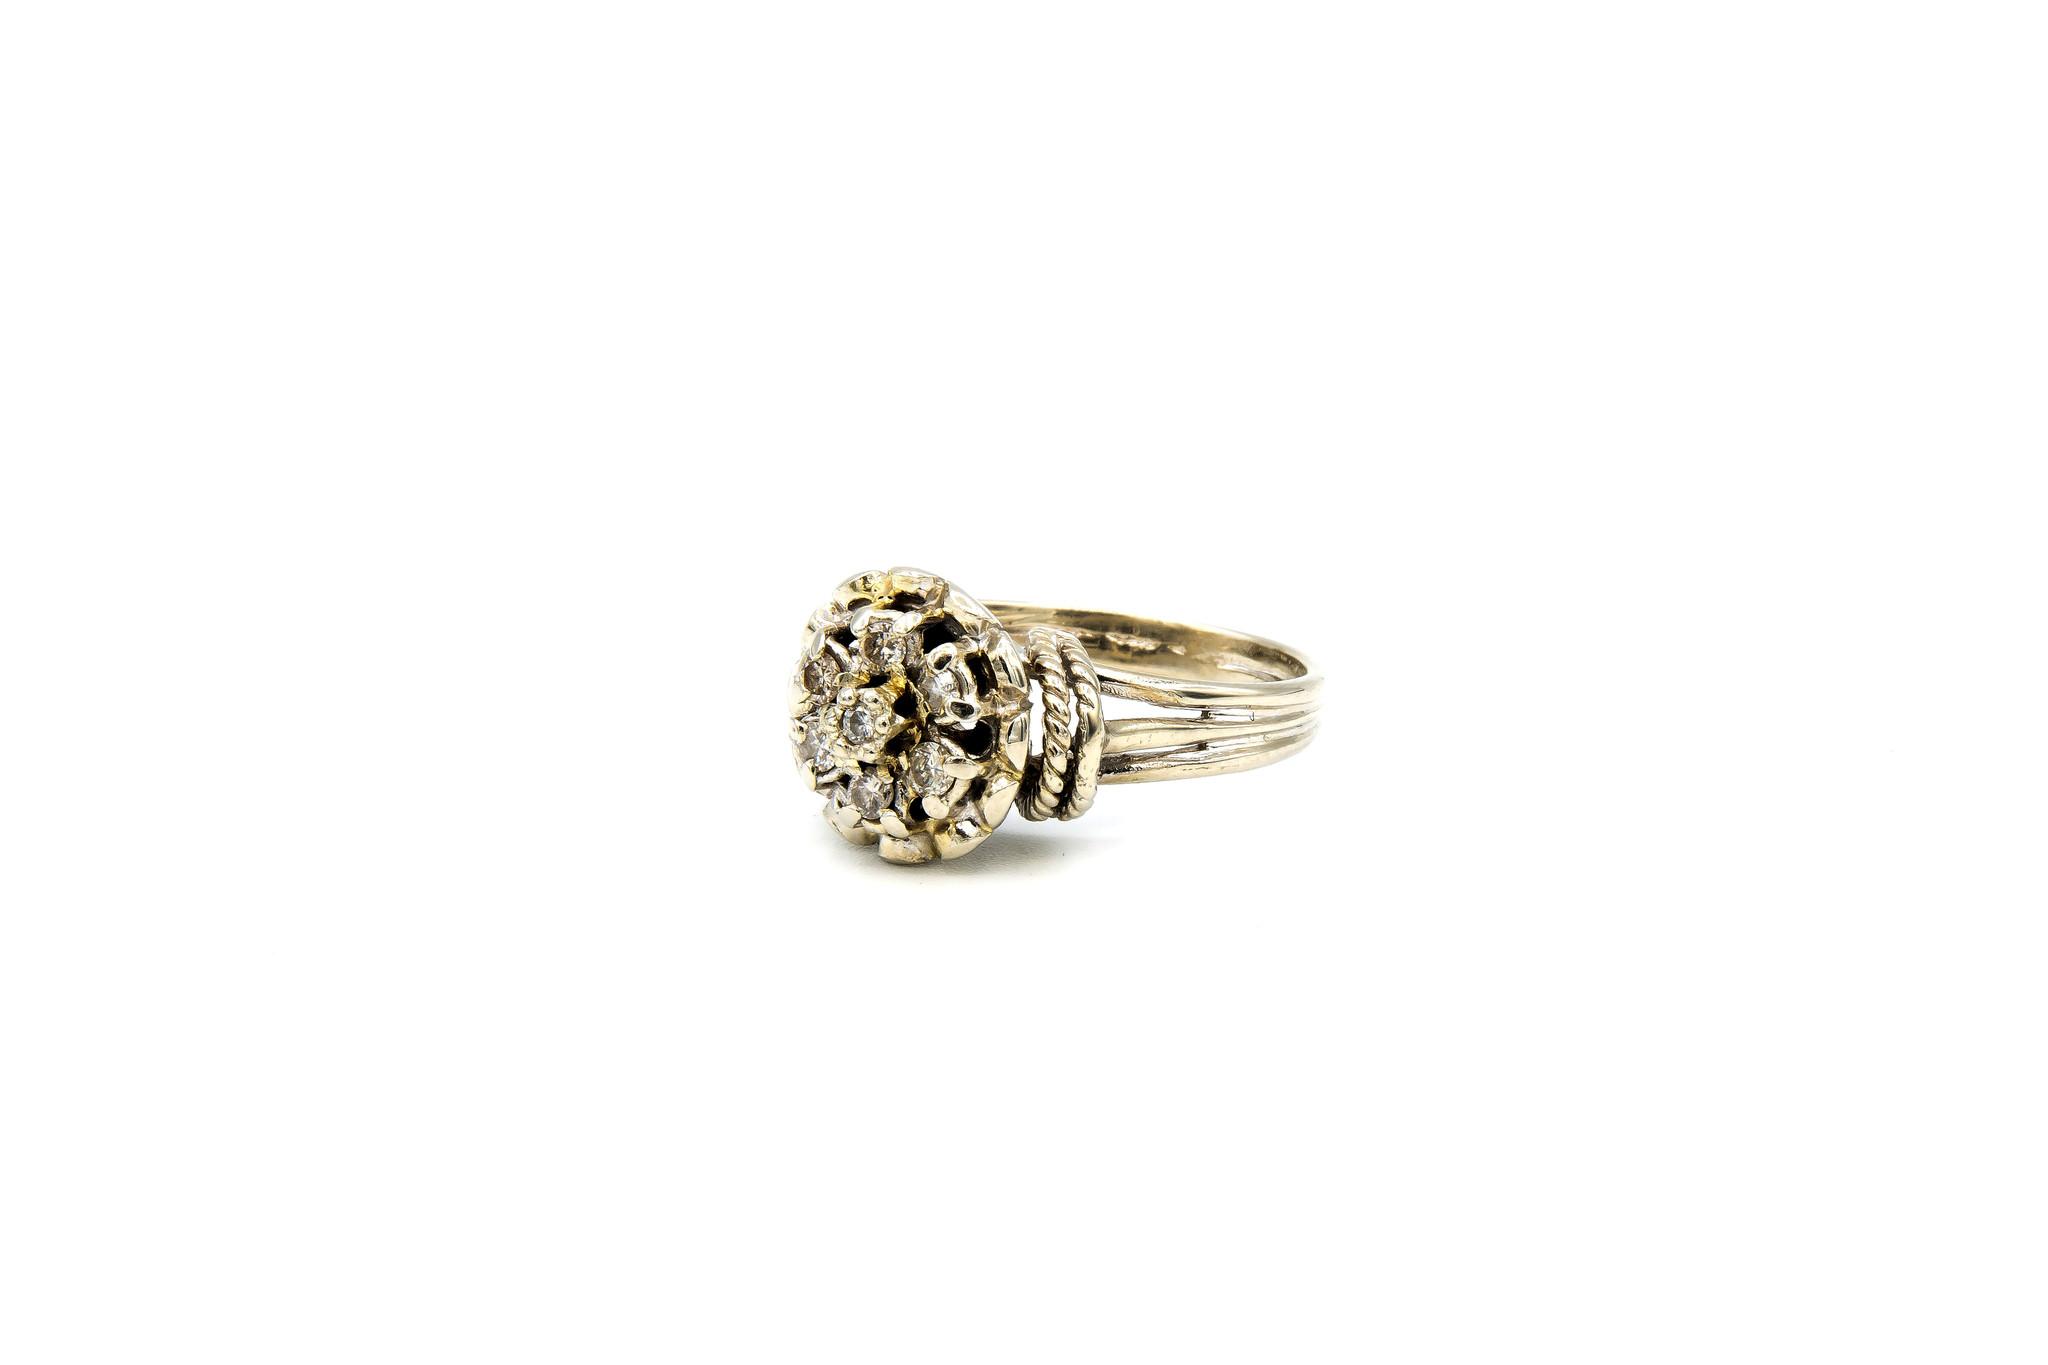 Ring verlovingsring diamant omringd door 6 lager ingezette diamanten witgoud-2